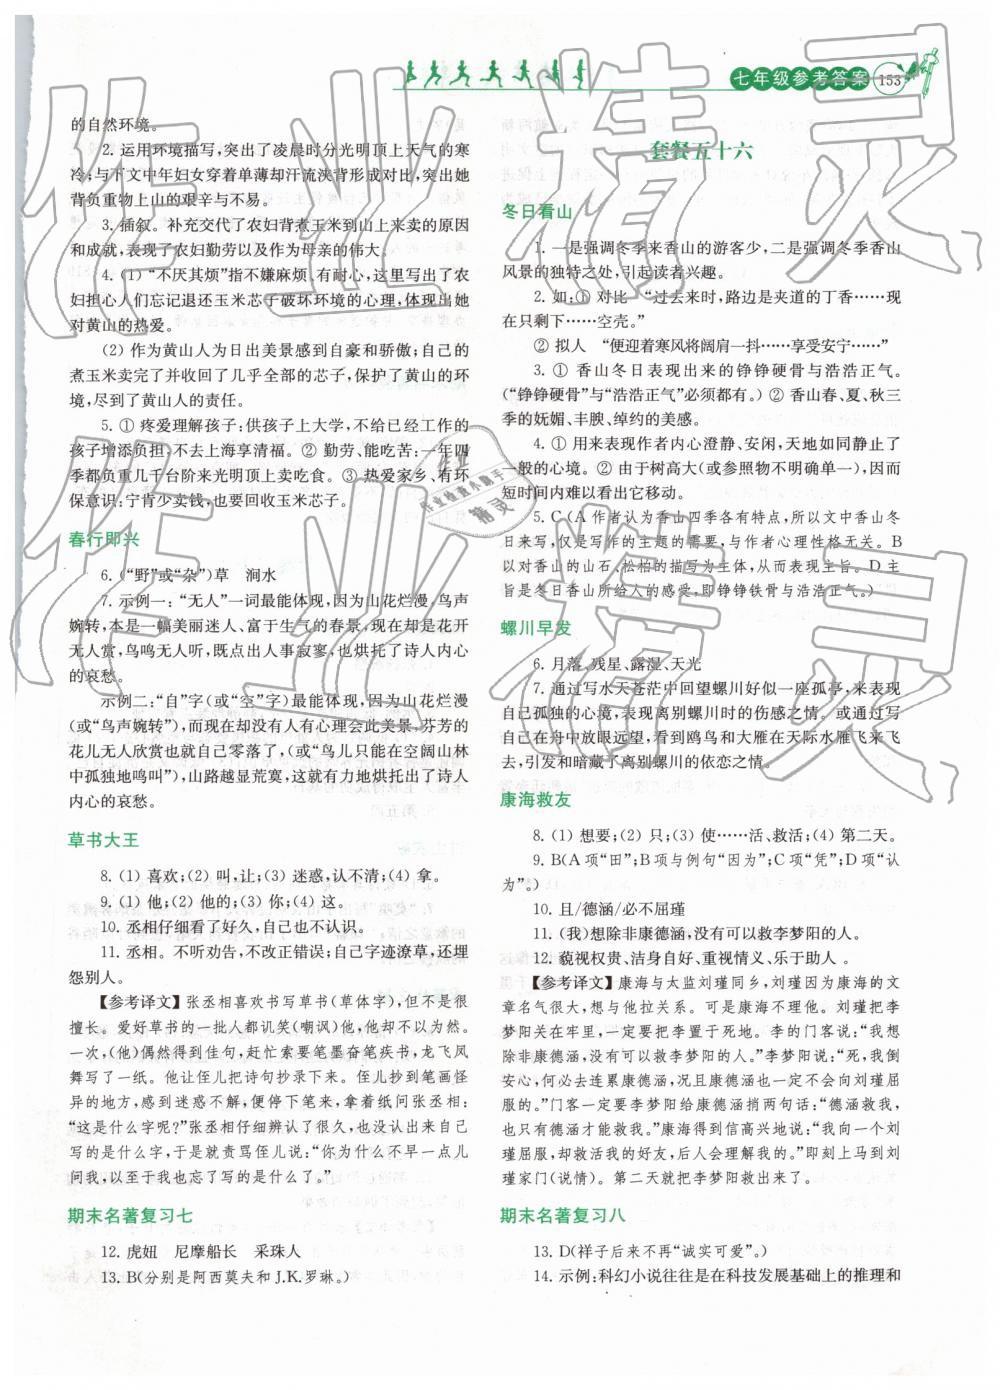 2019年阅读拔萃七年级下册第33页